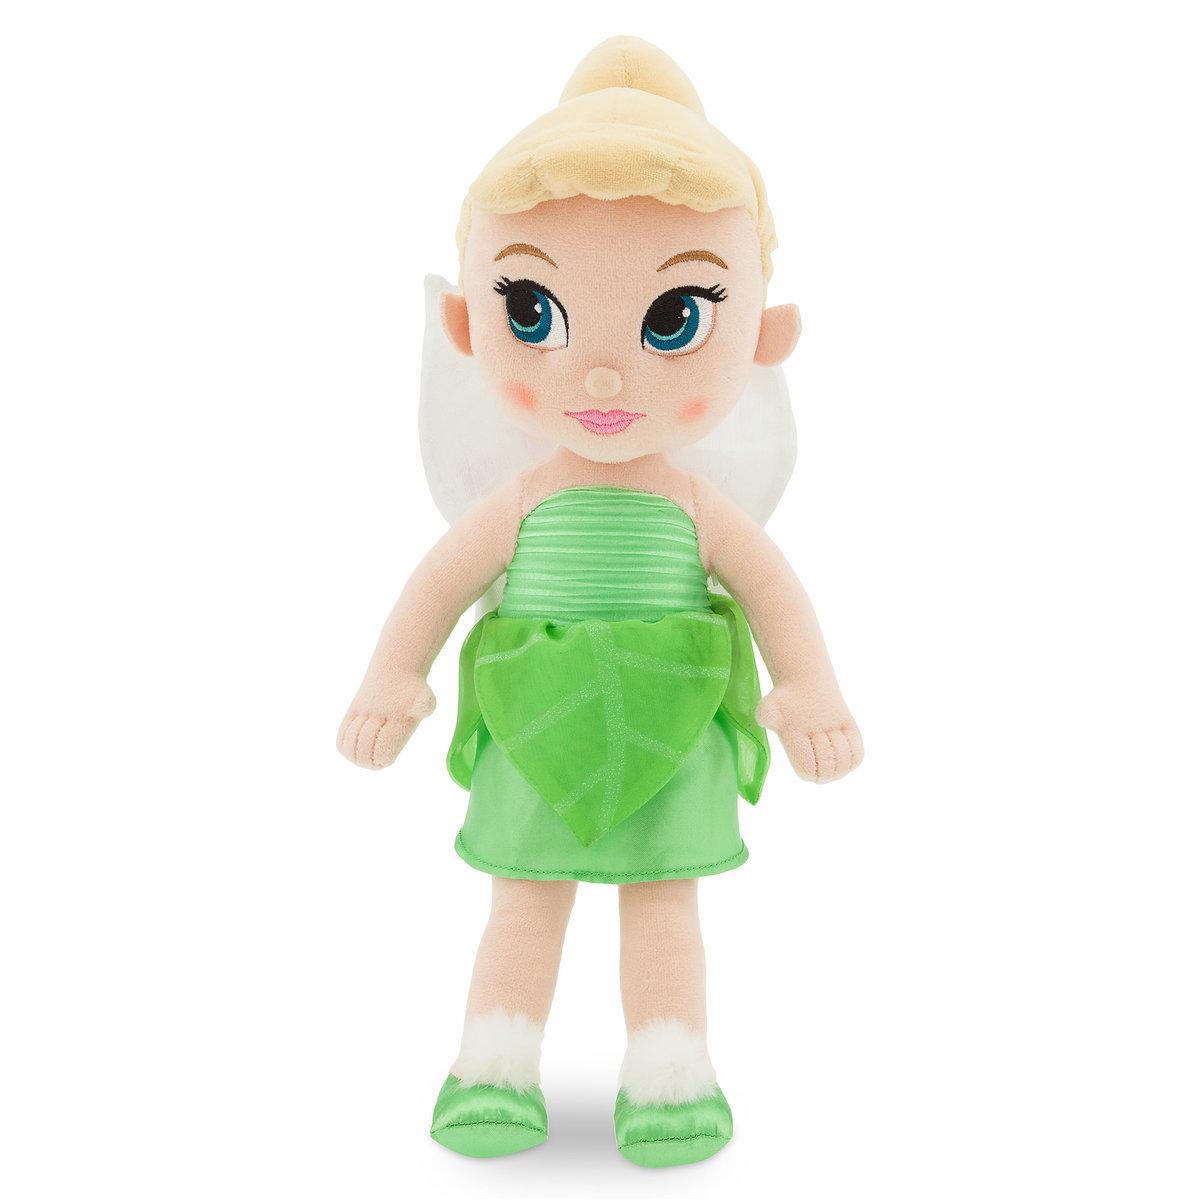 Мягкая игрушка «Фея Динь-Динь»- Disney Animators' Collection - 32 см